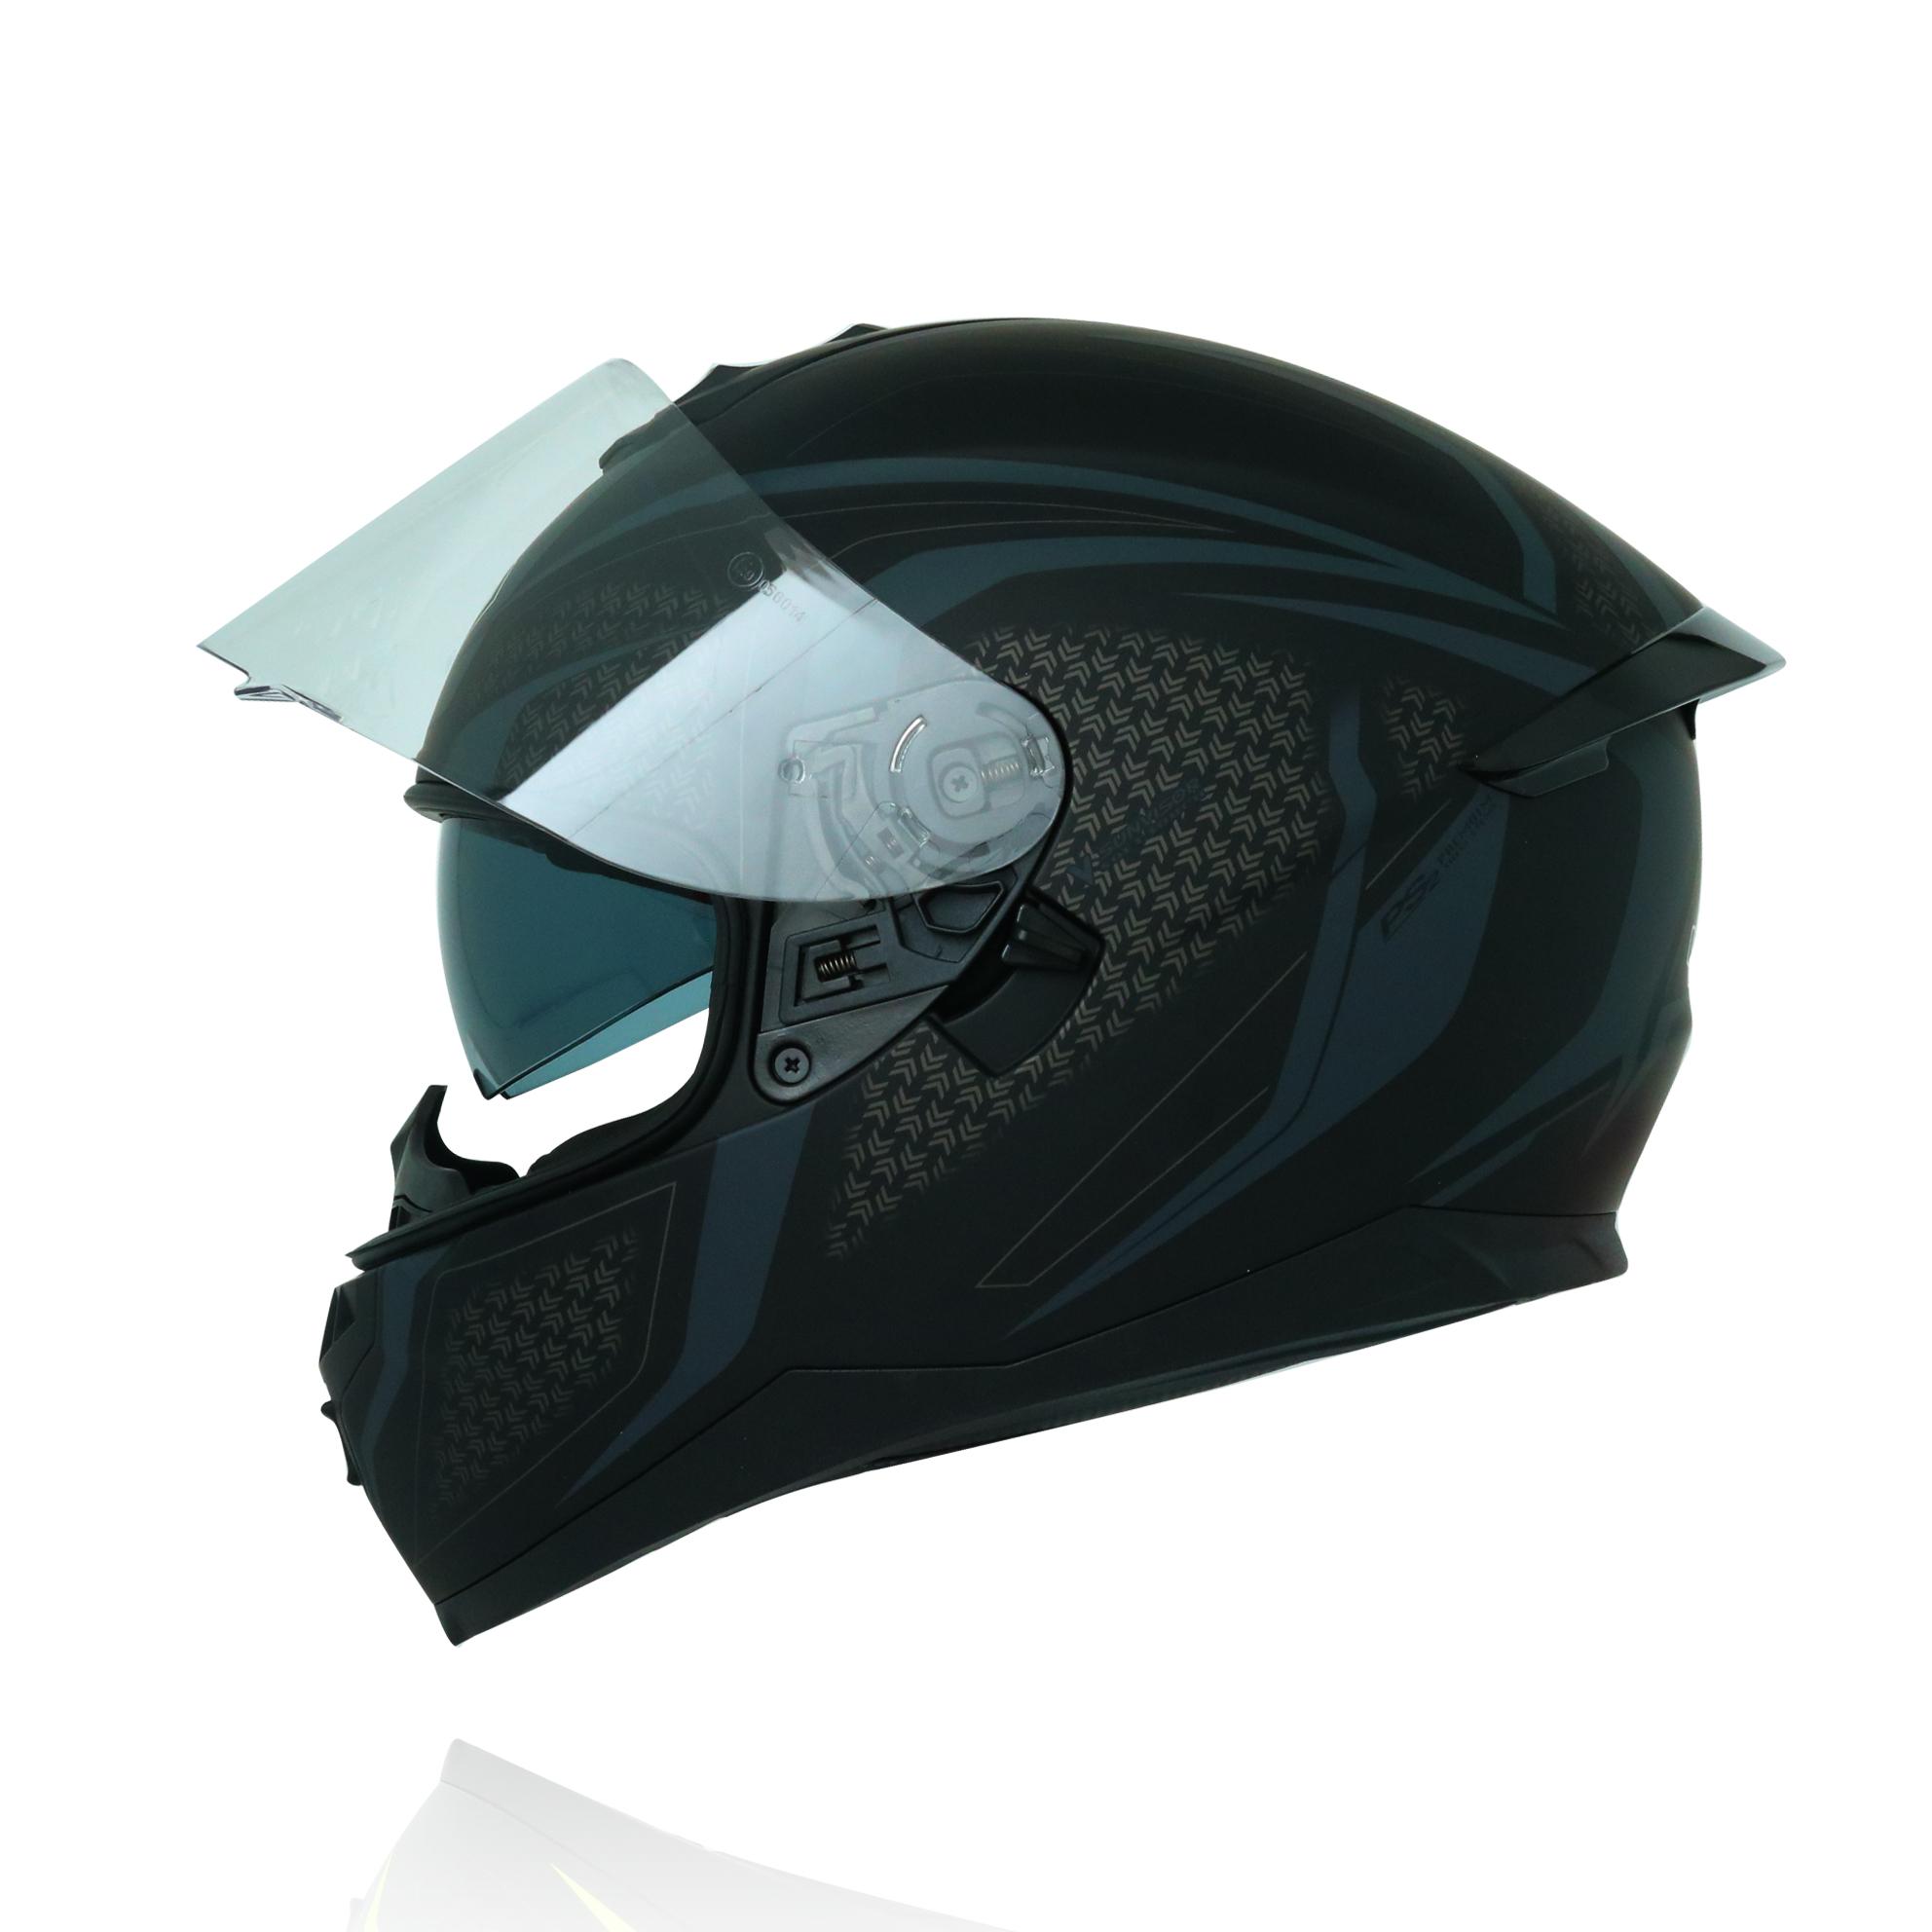 Mũ bảo hiểm fullface Yohe 967 2 kính tem đen xám